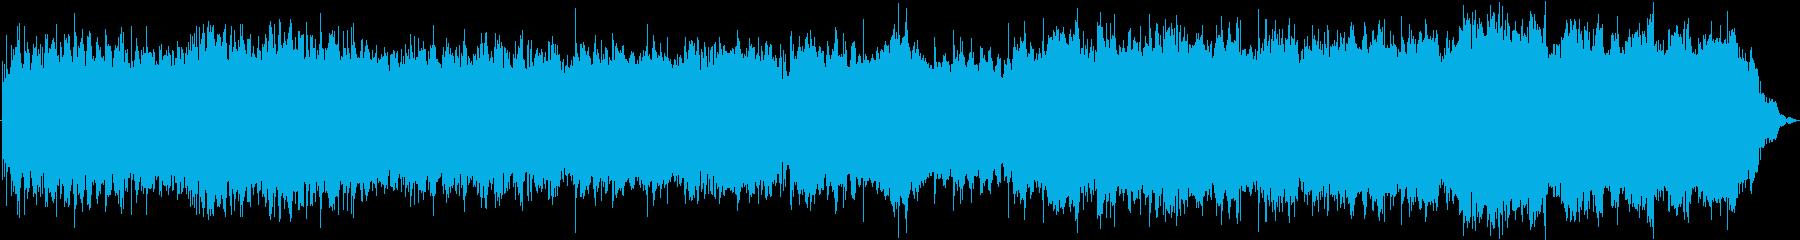 オルゴールを使った癒しの曲の再生済みの波形